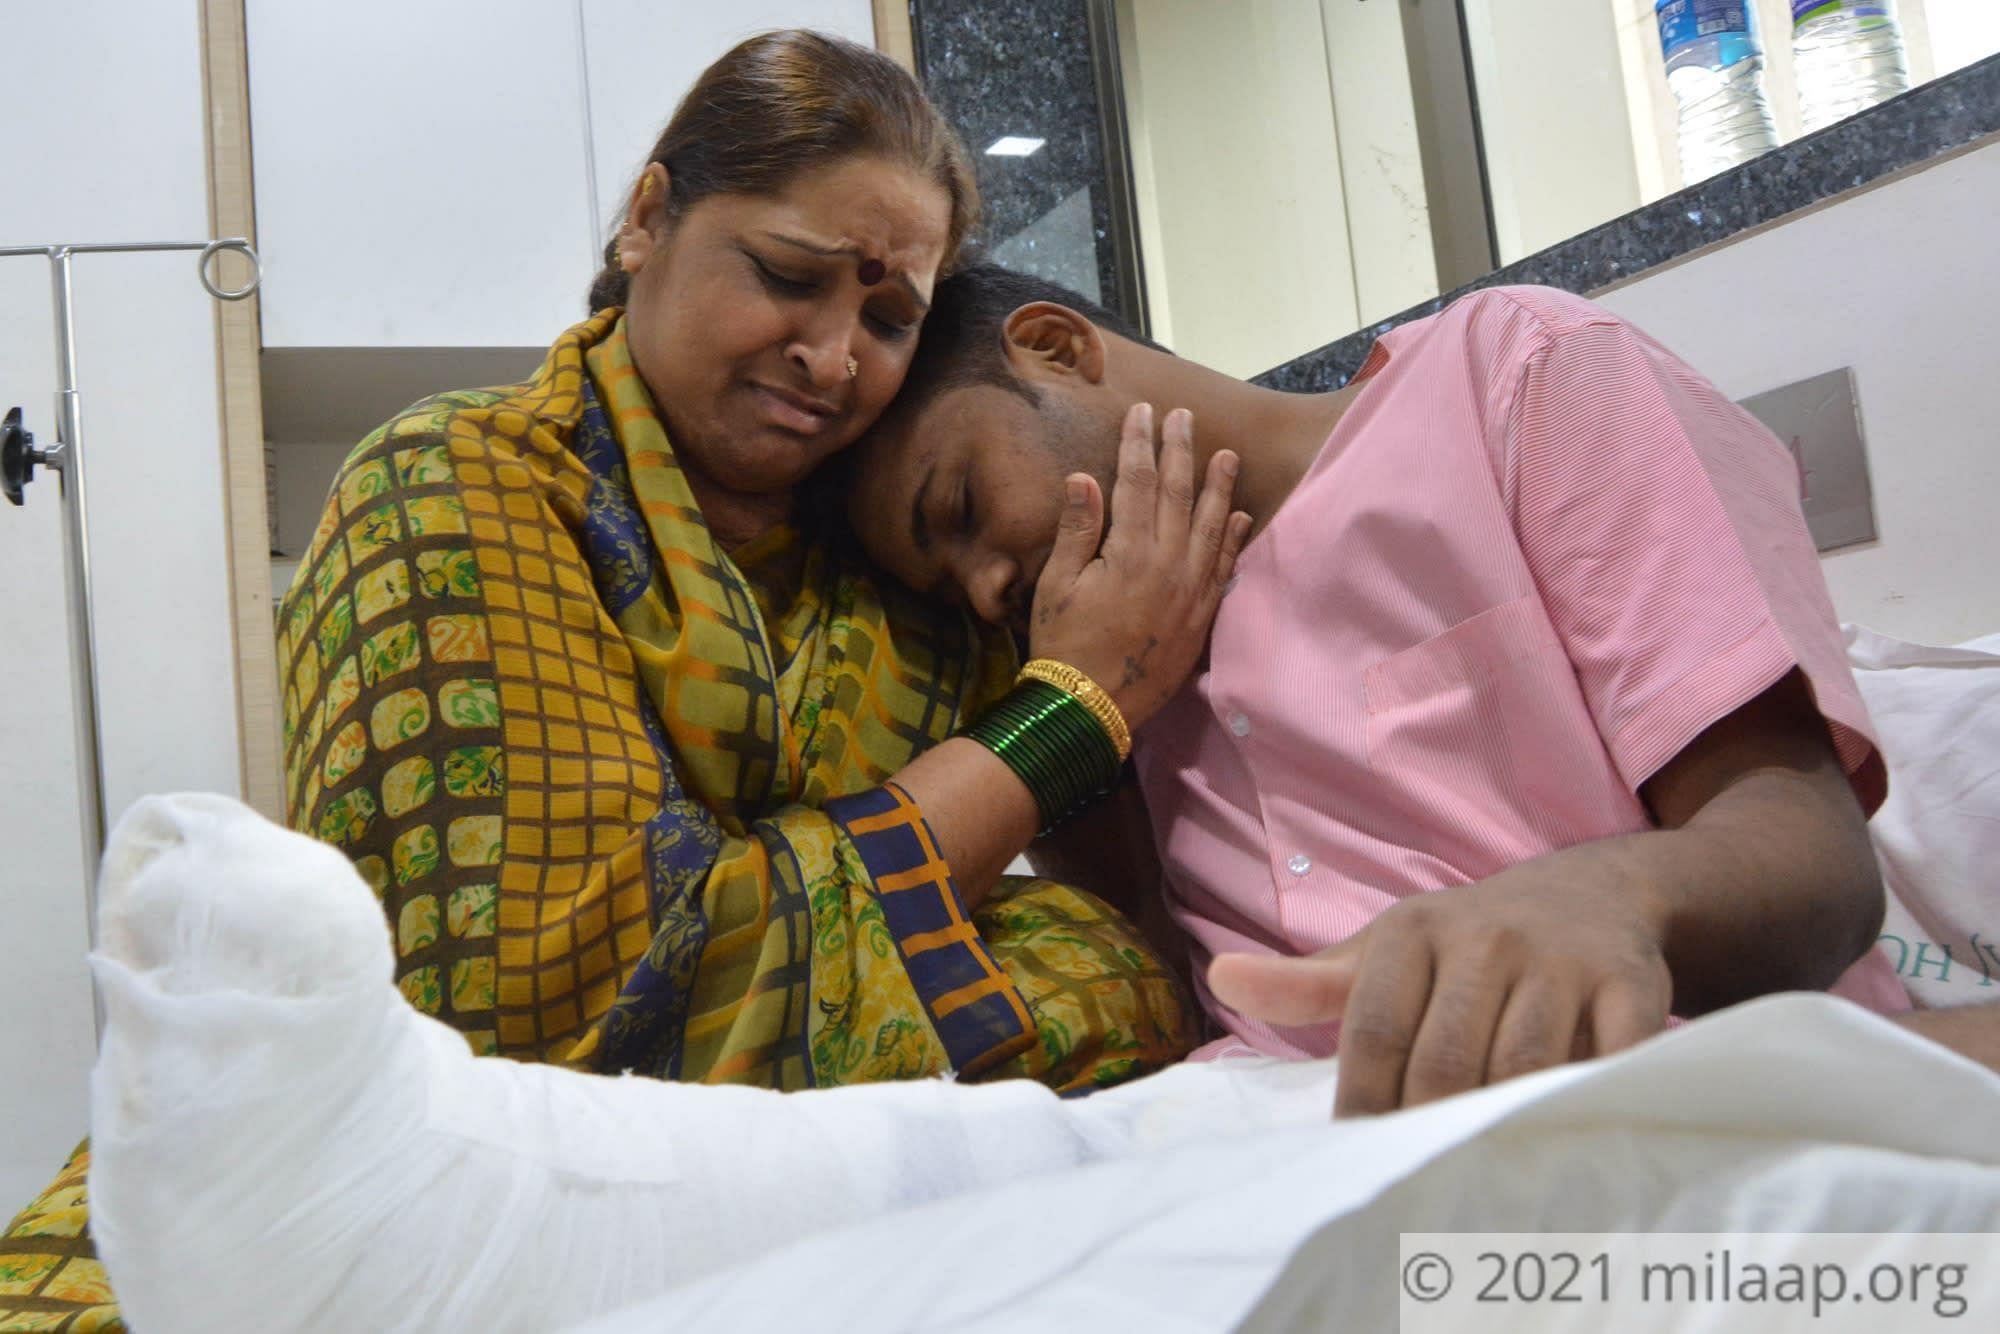 Rohit raj hospital 19 ayv6fg 1583737588